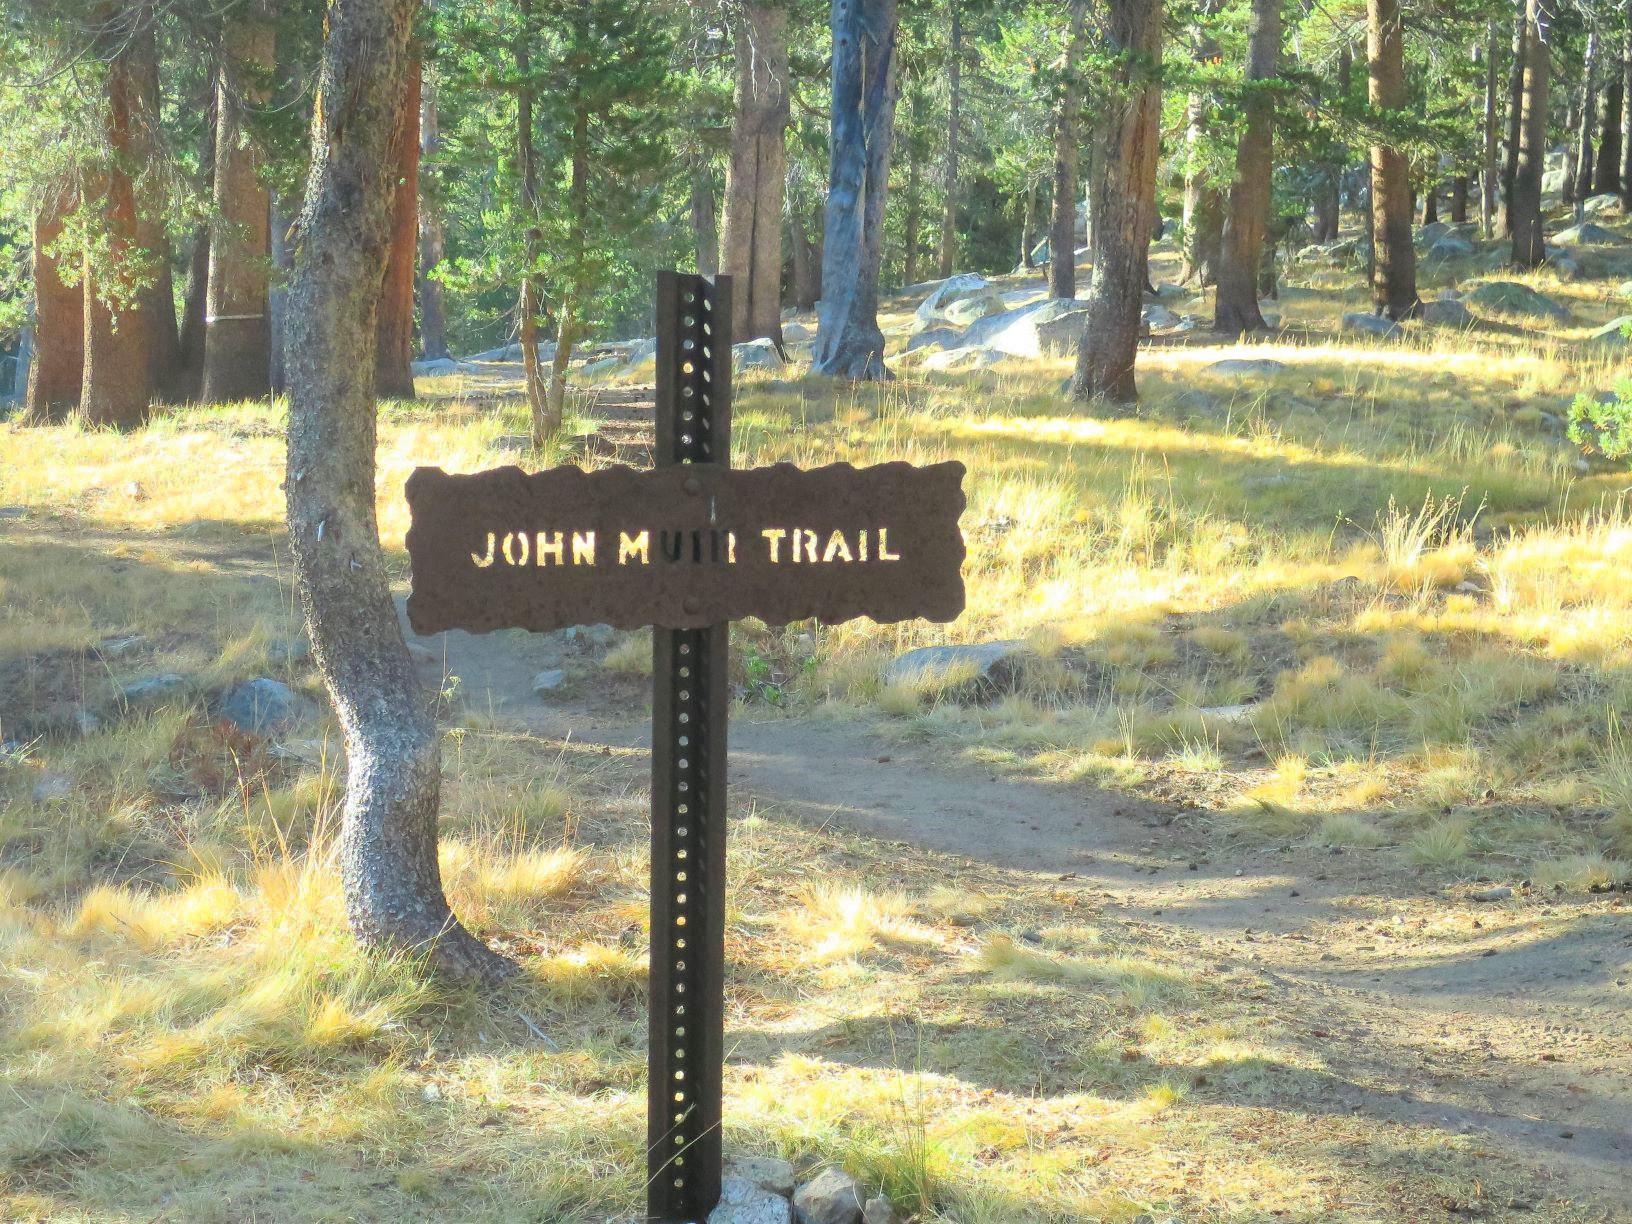 味のあるジョン・ミューア・トレイルの道標